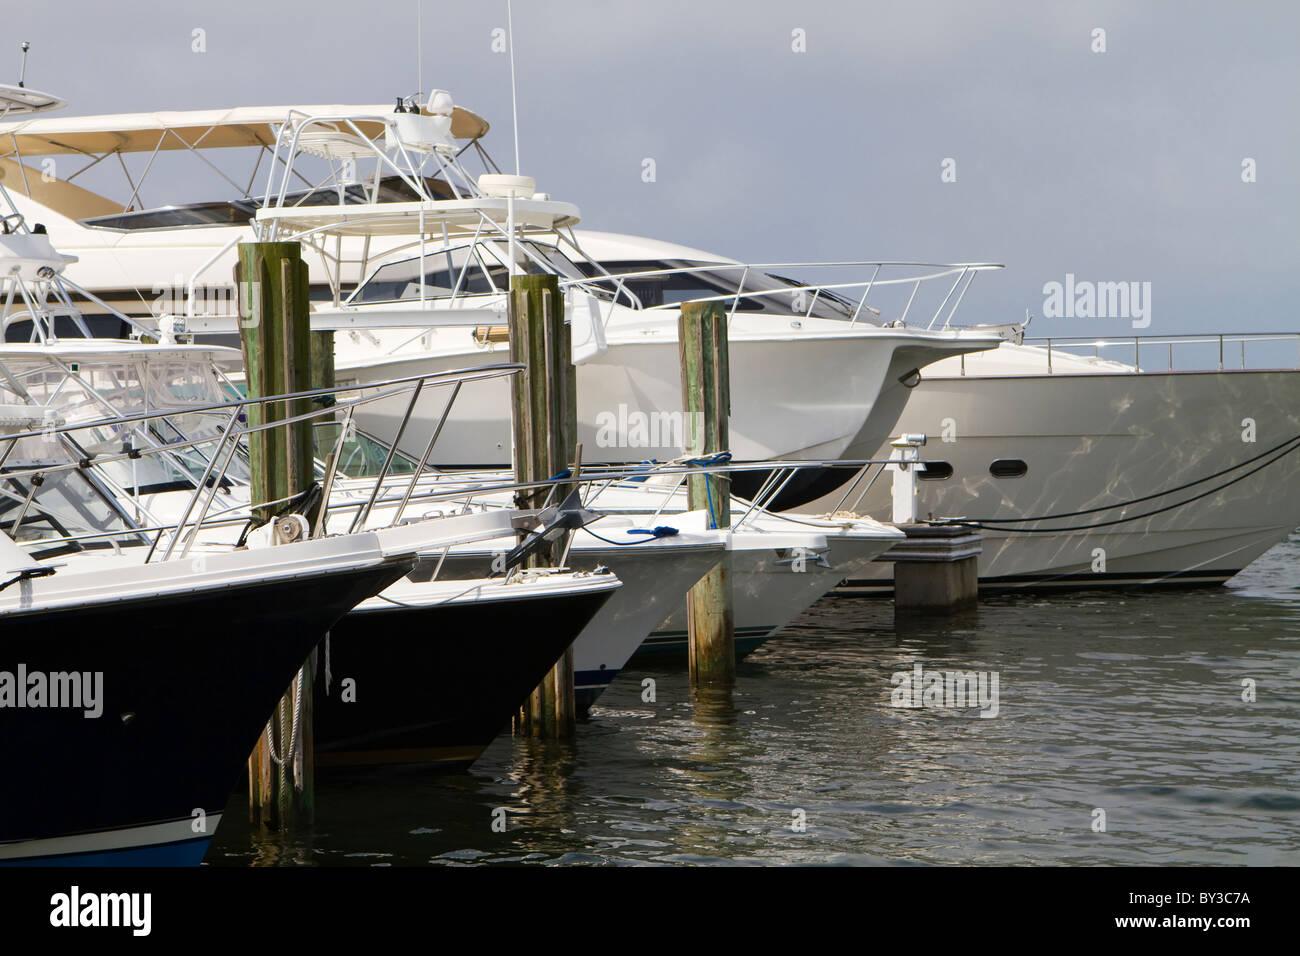 Reihe von Luxus-Yachten und Fischerboote Charta säumen den Docks. Stockbild